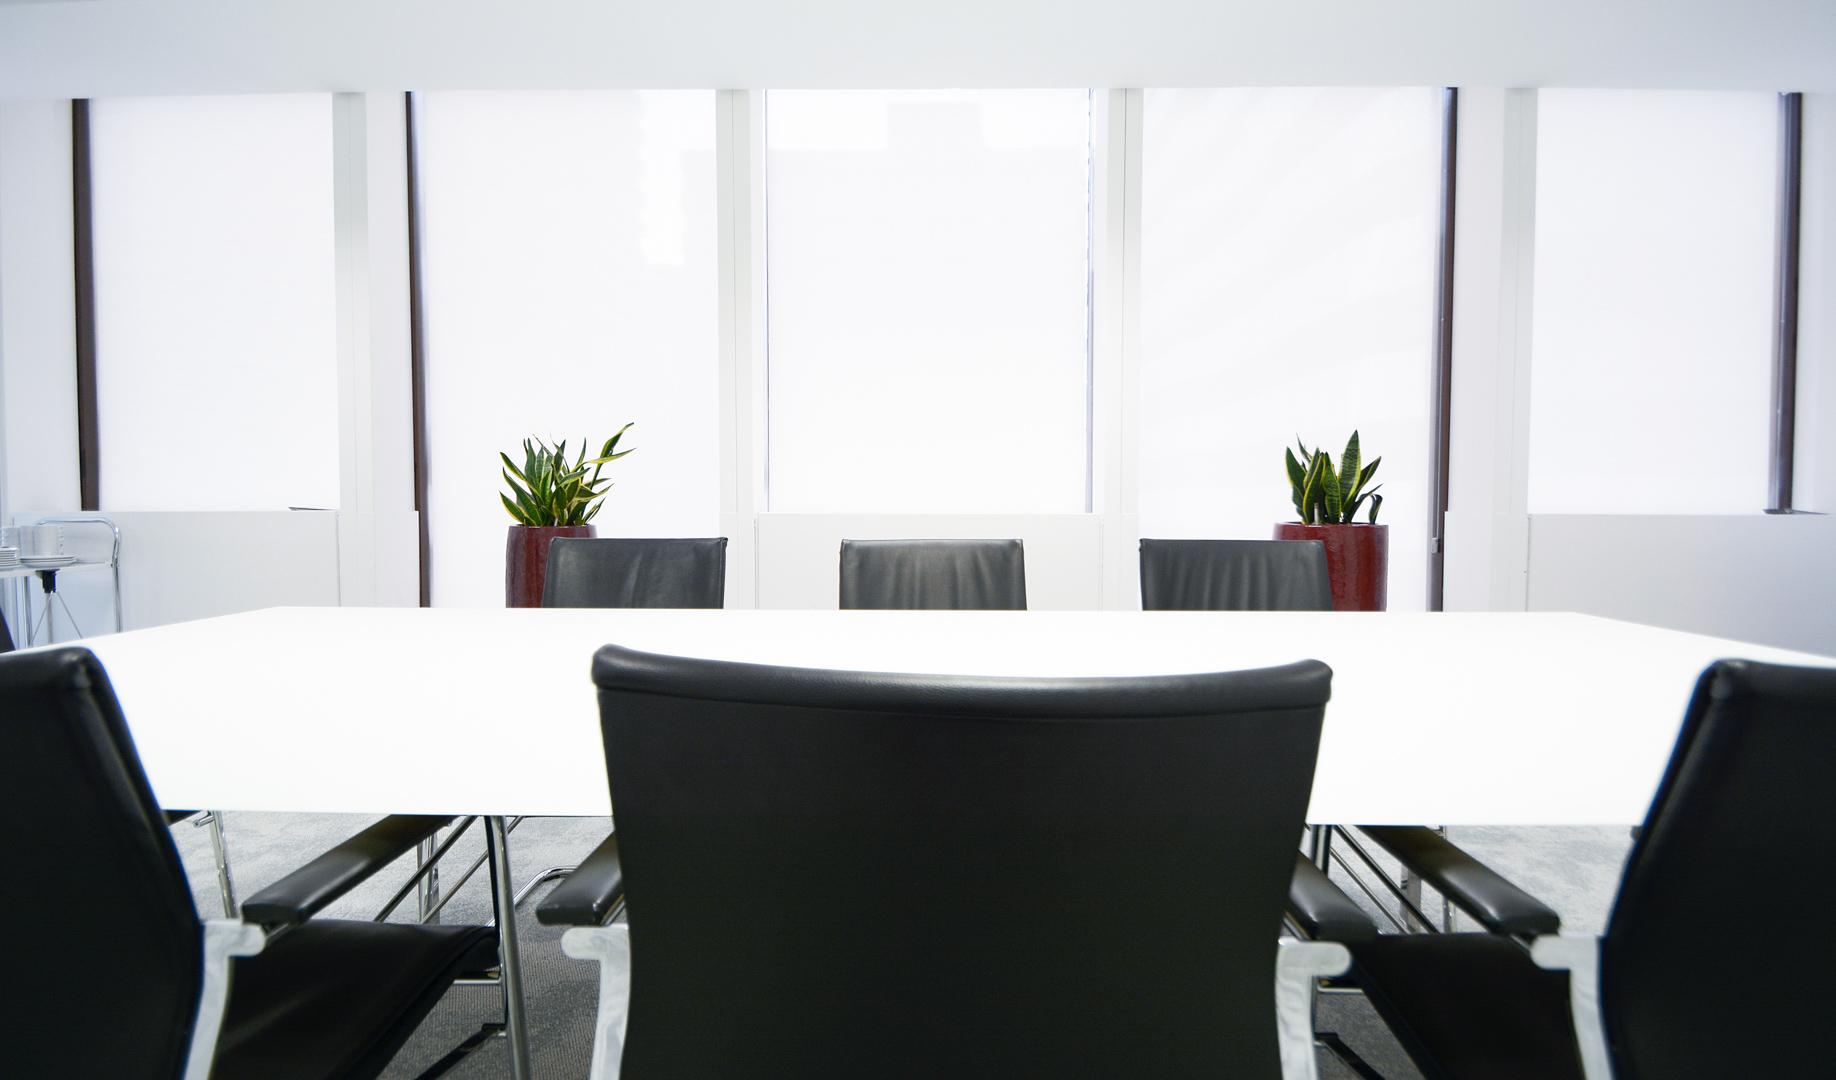 isolvaro fotografo interiores de oficinas gesvalt madrid